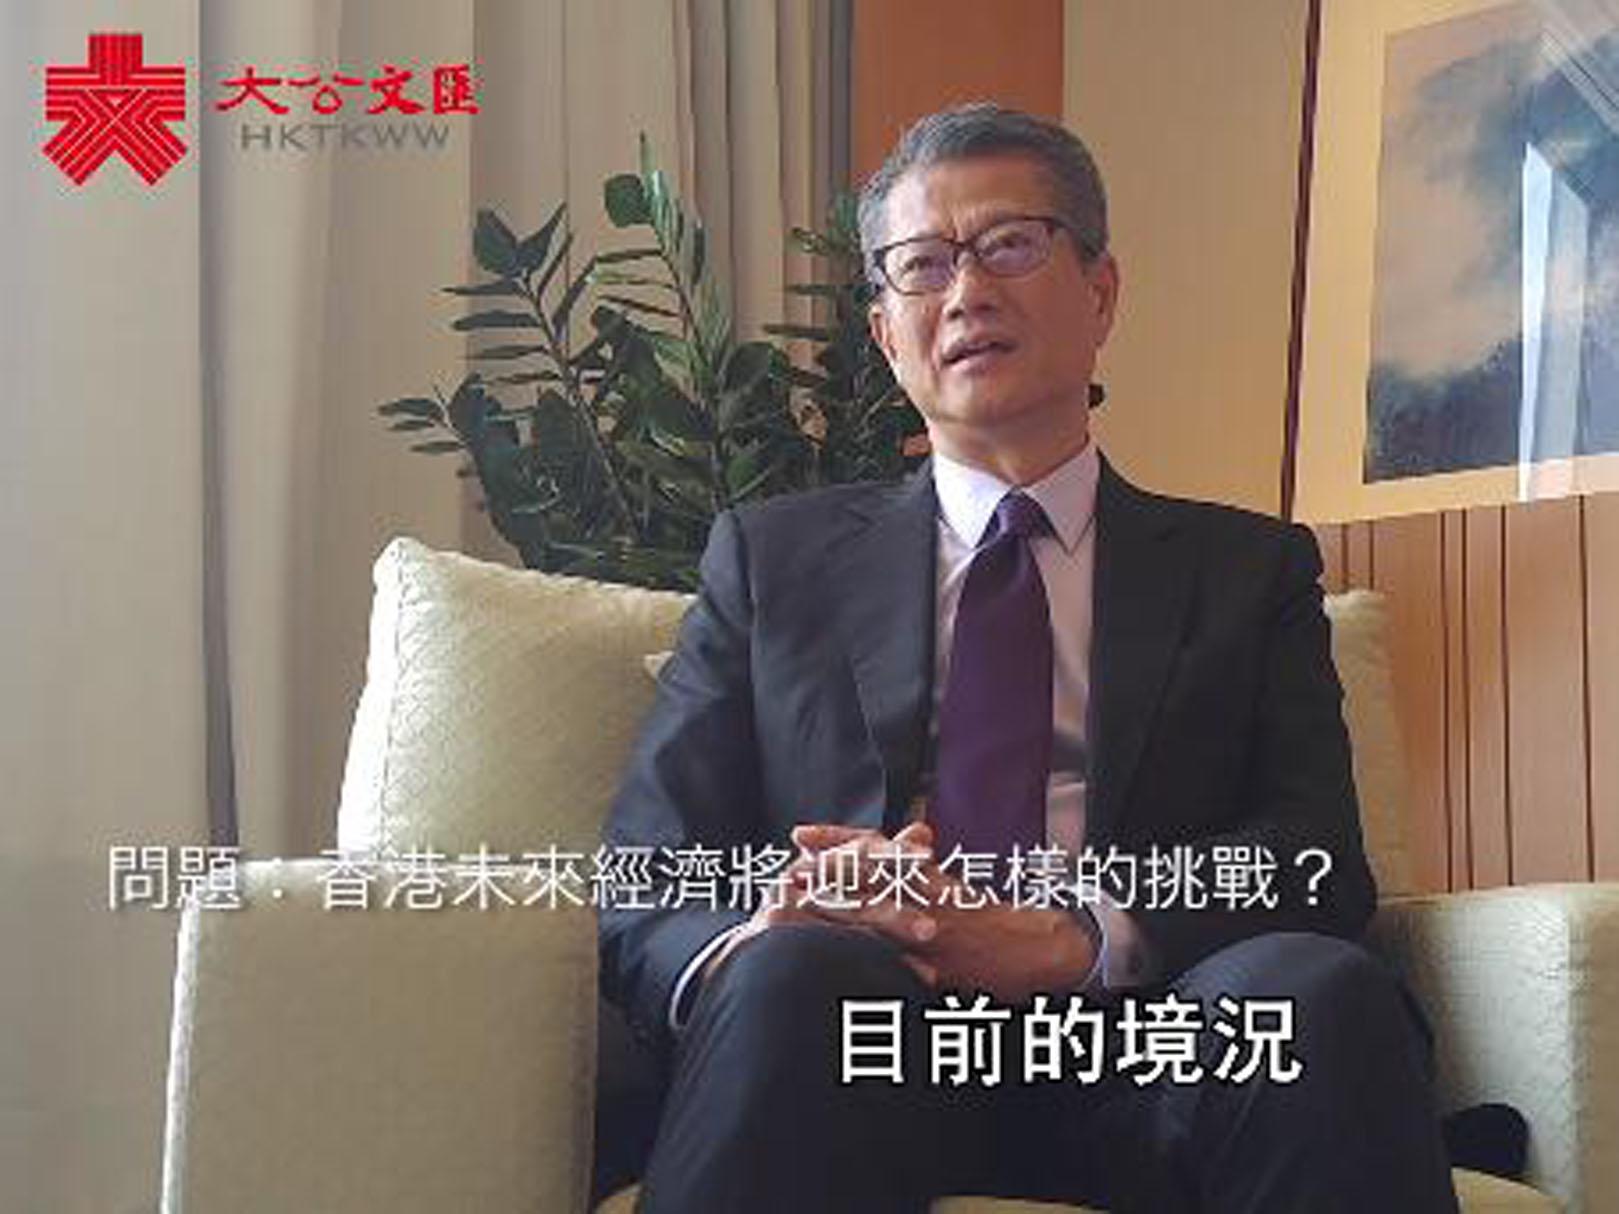 ¡i專訪¡j財政司司長陳茂波¡G經濟情況嚴峻 止暴制亂方有轉機